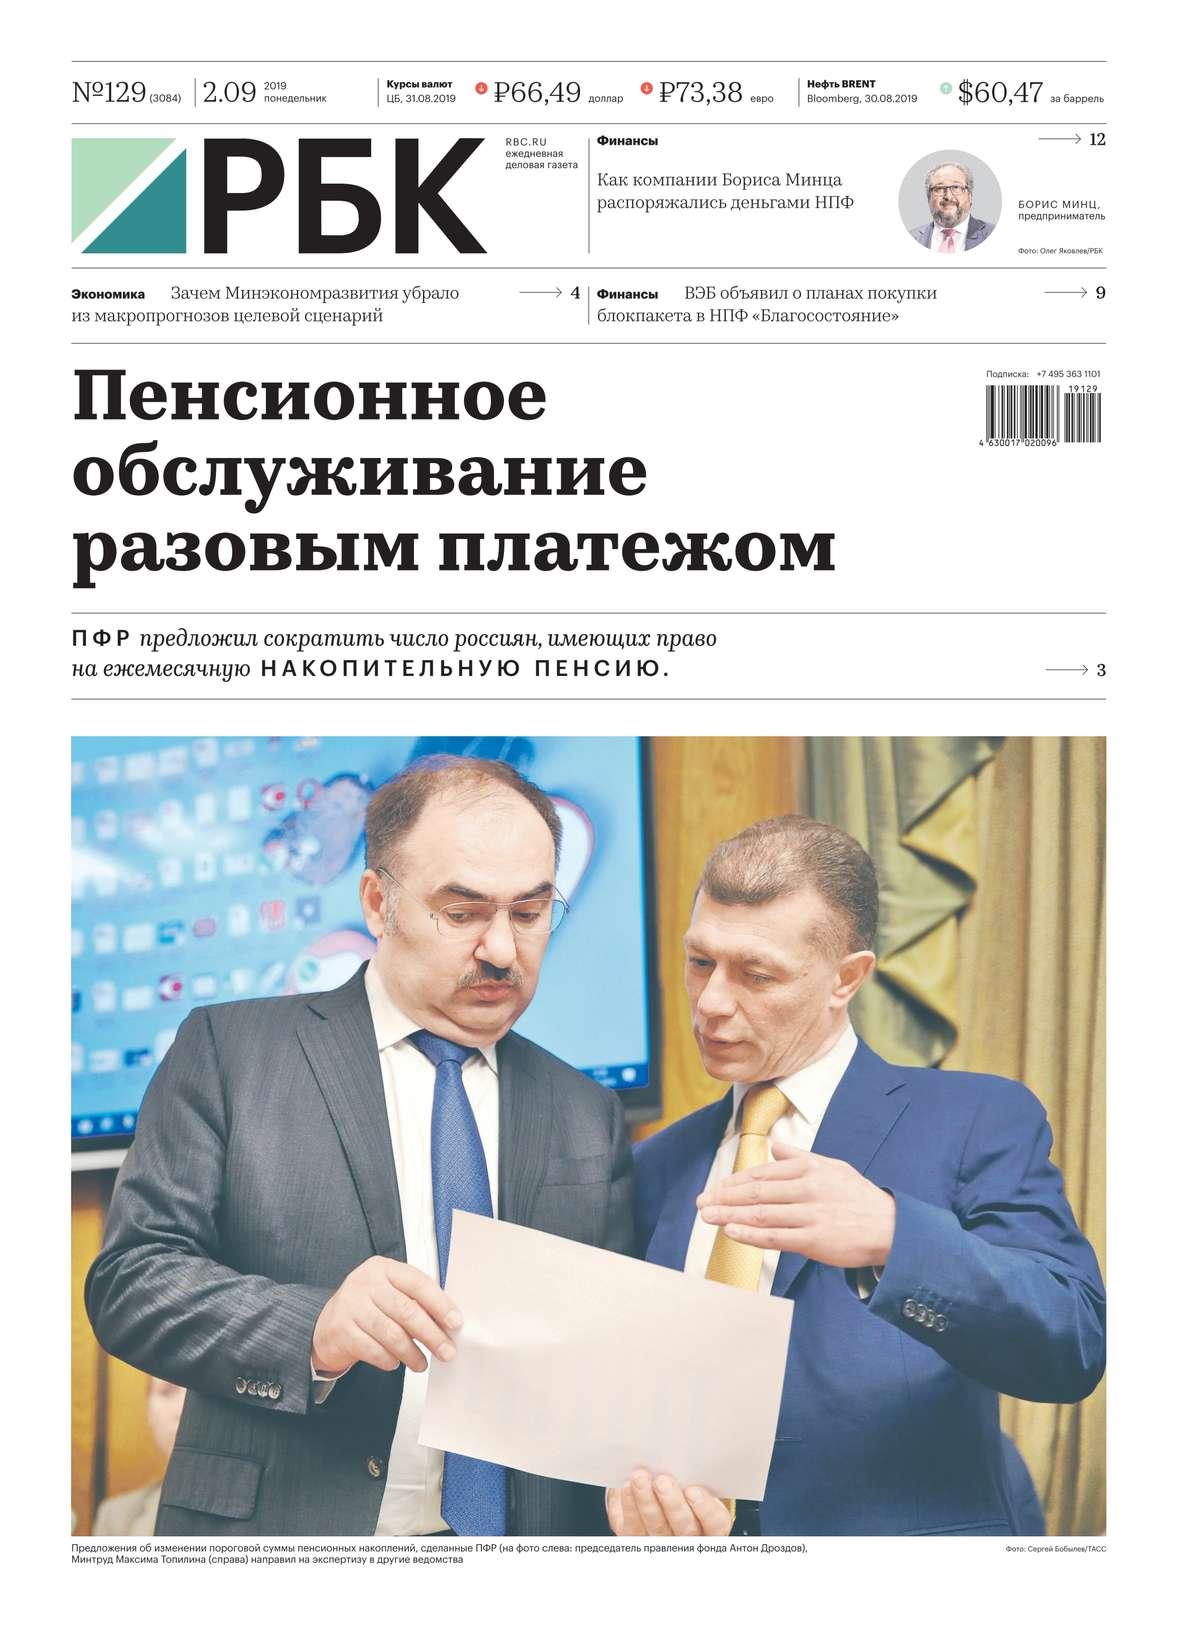 Ежедневная Деловая Газета Рбк 129-2019